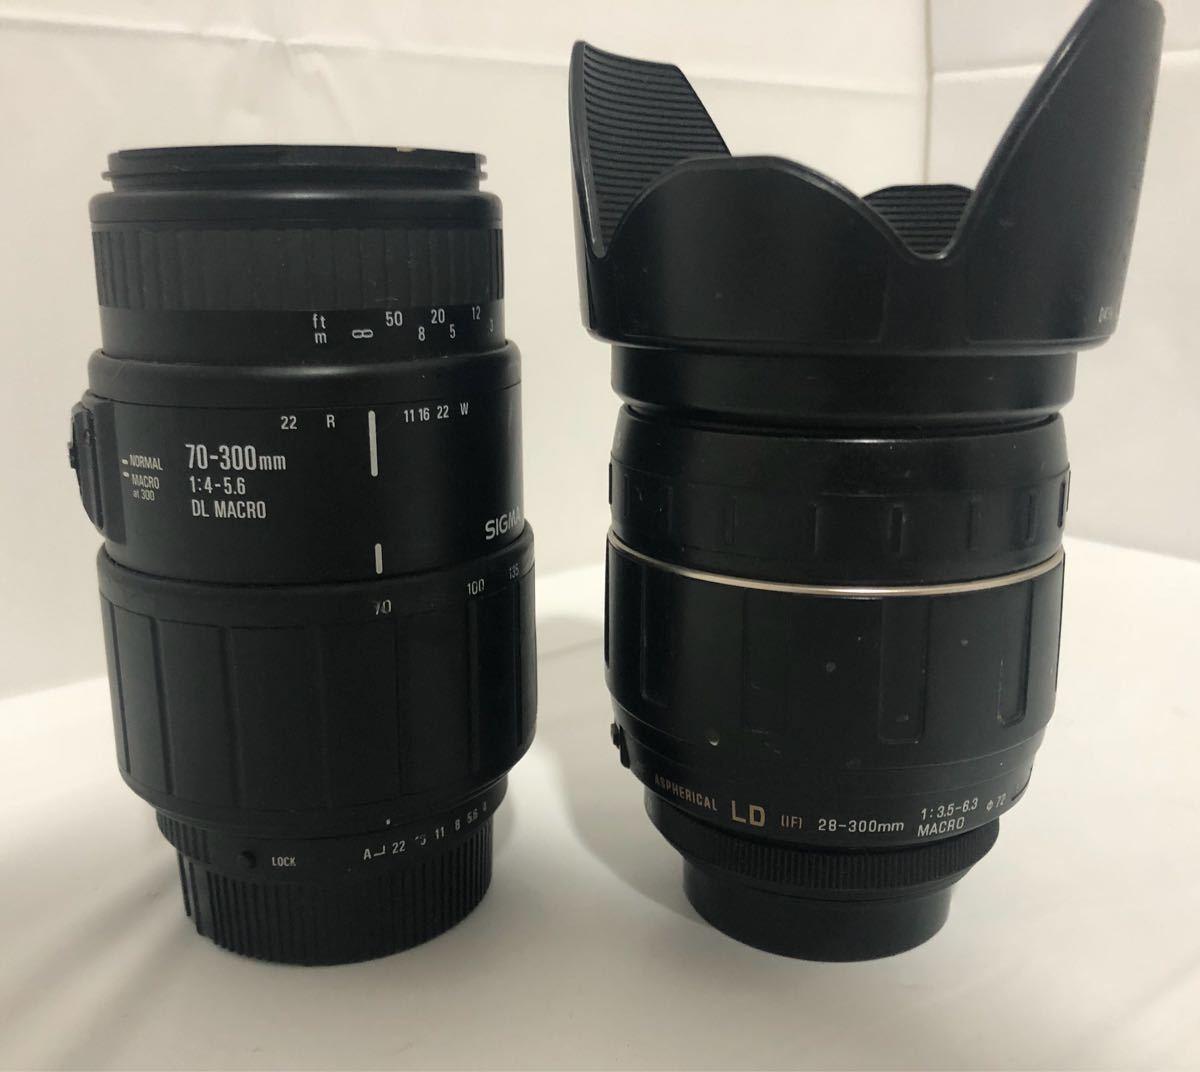 ペンタックス カメラ K-7 K-x レンズ タムロン 28-300㎜ 1:3.5-6.3 MACRO ペンタックス 18-55㎜ 1:3.5-5.6 他 セット_画像5